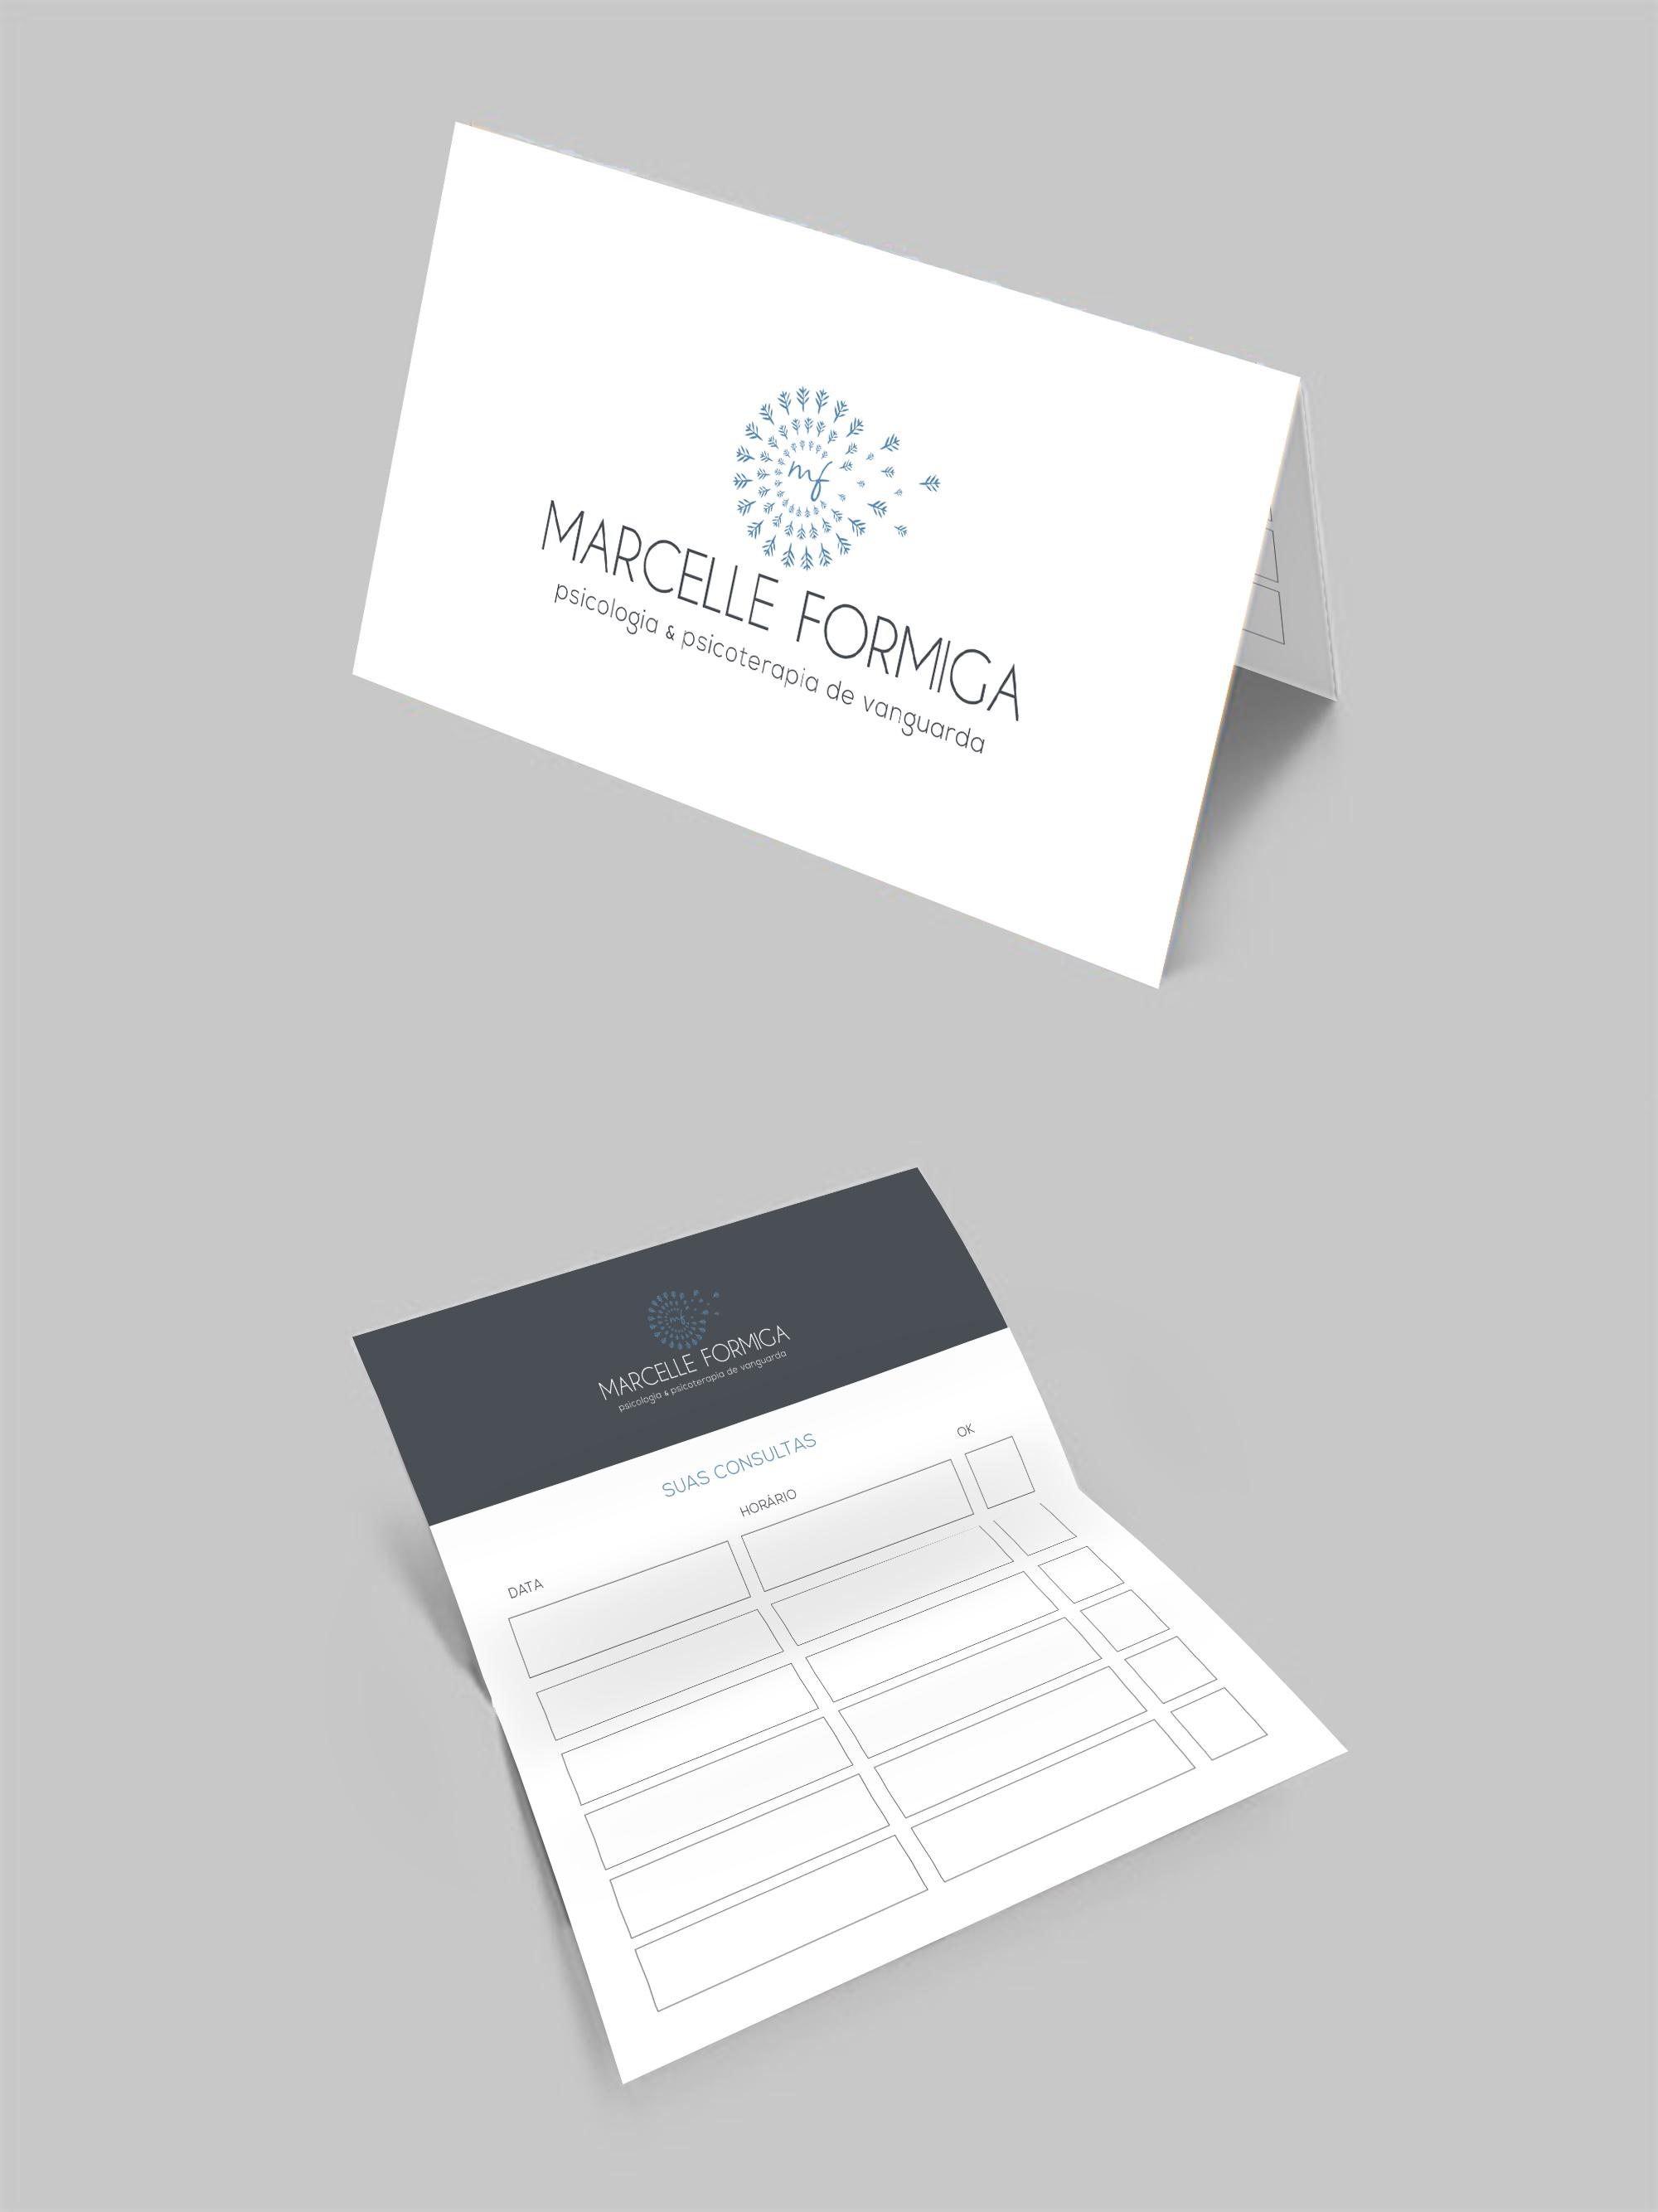 Marcelle Formiga